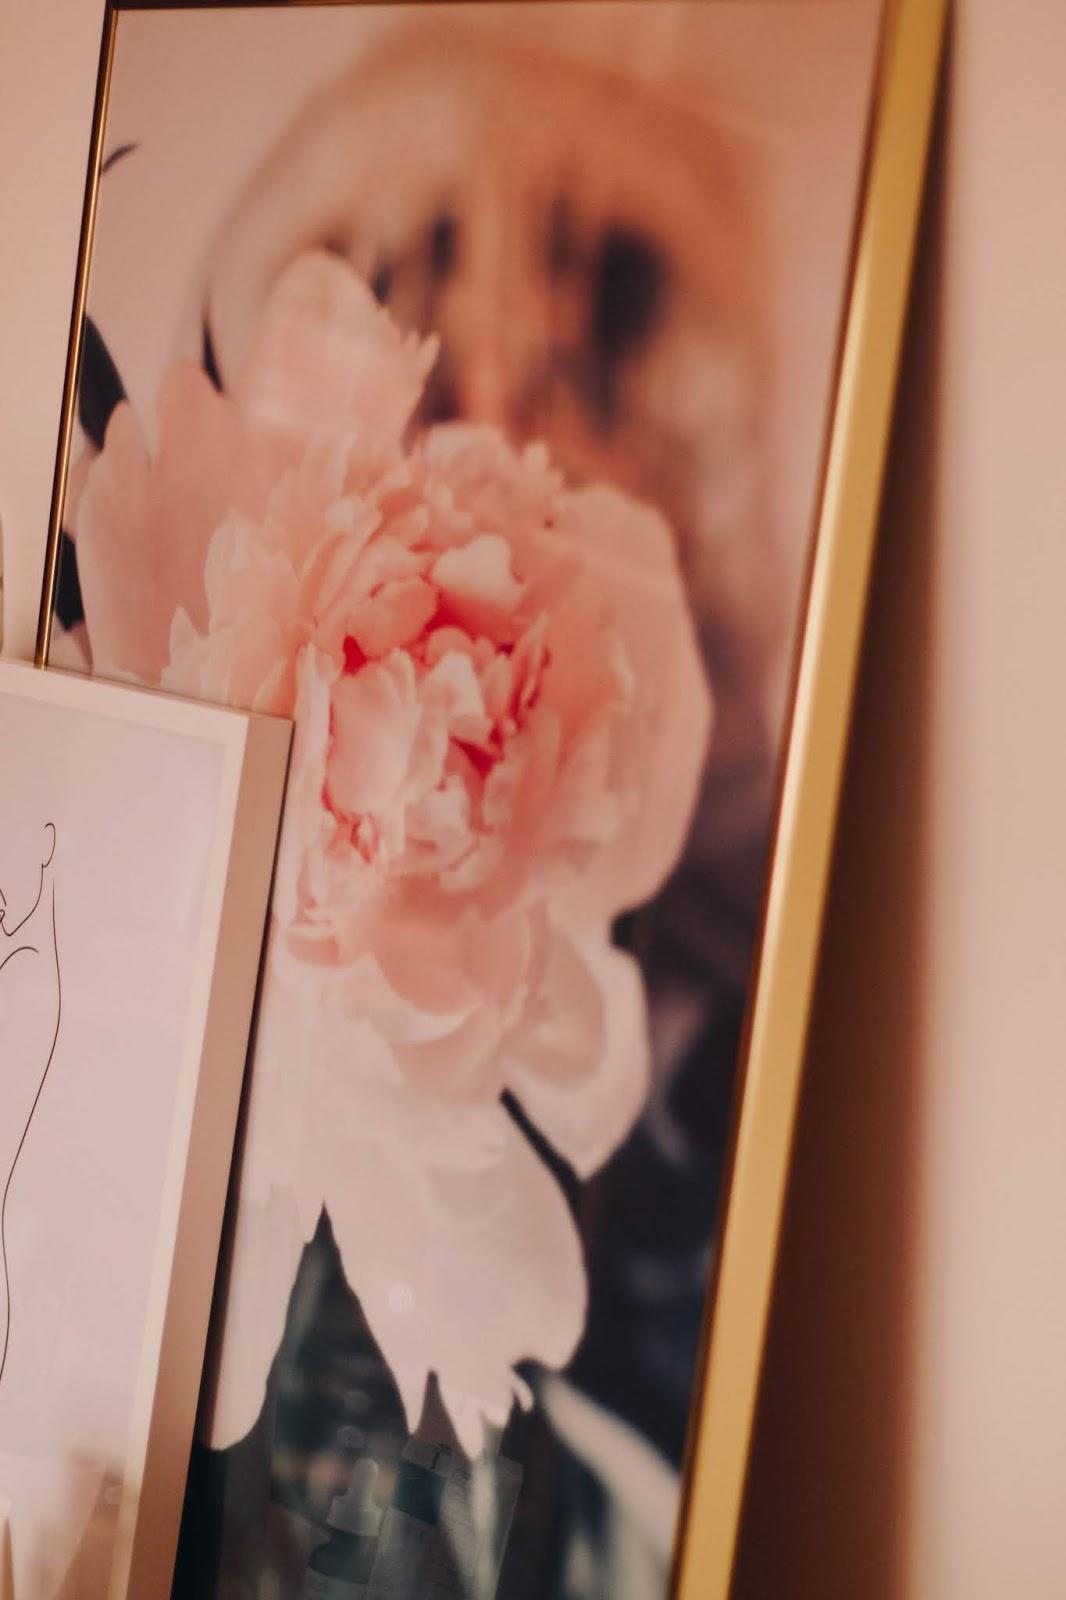 Foi o ano passado que conheci a Desenio e escolhi alguns quadros cá para casa (três para o meu quarto e dois para a sala). Se ainda não conhecem, a Desenio é uma loja online recheada de posters lindíssimos, molduras e muita inspiração para decorar todas as divisões da nossa casa.